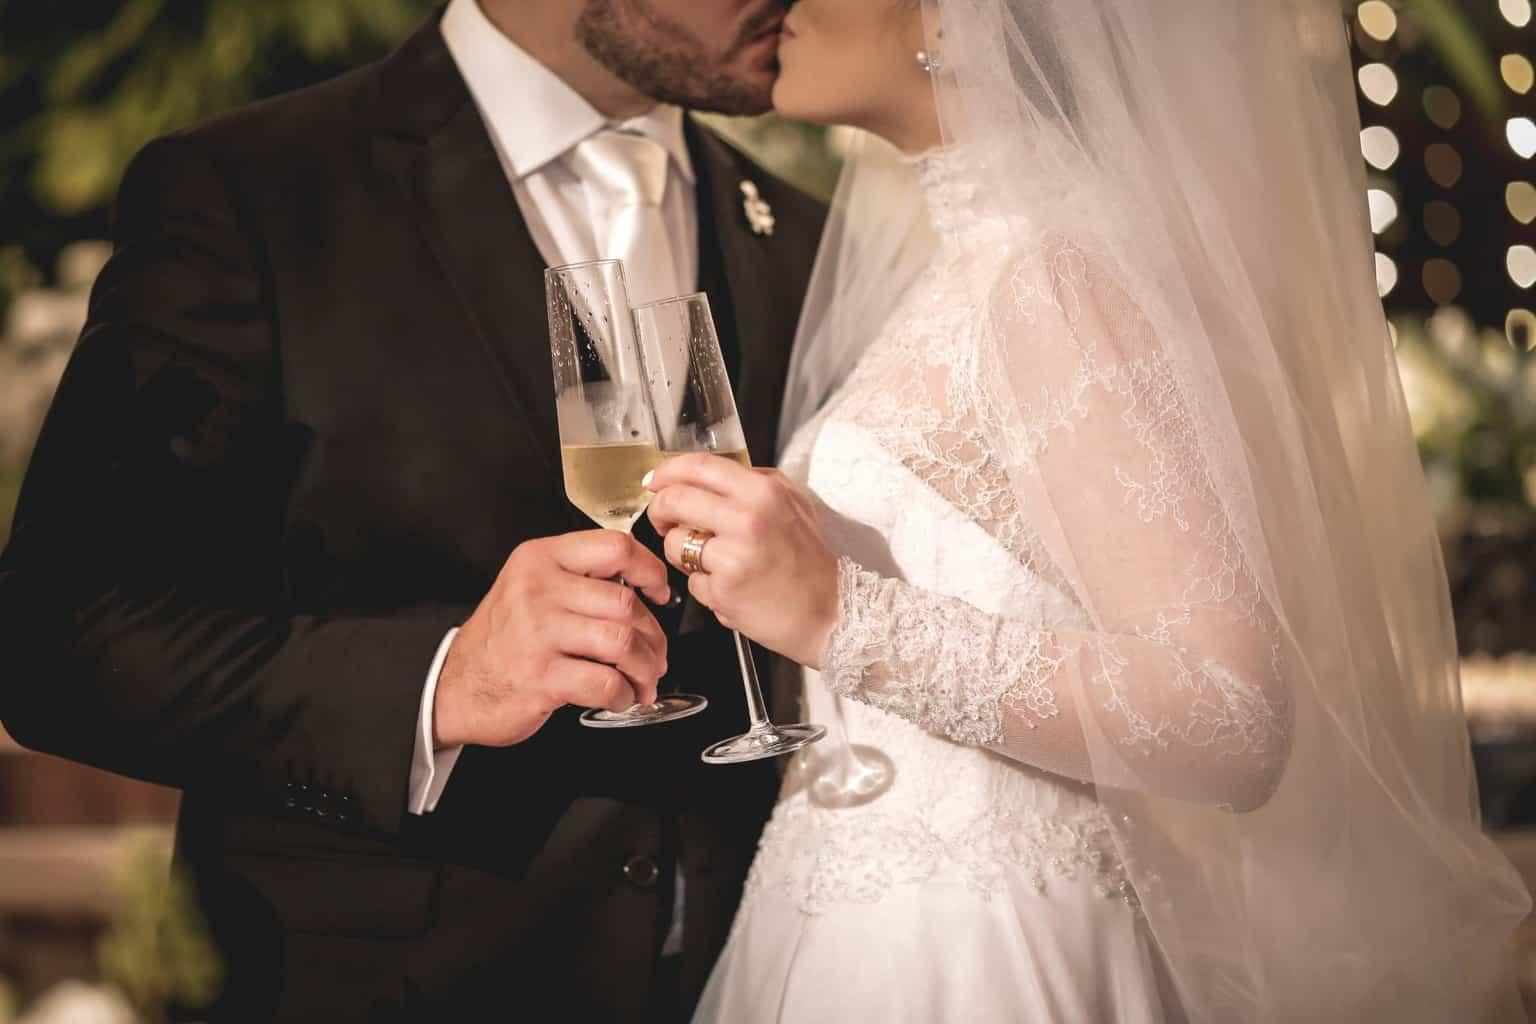 casamento-Juliana-e-Eduardo-foto-dos-noivos-Fotografia-Ricardo-Nascimento-e-Thereza-magno-Usina-dois-irmãos79